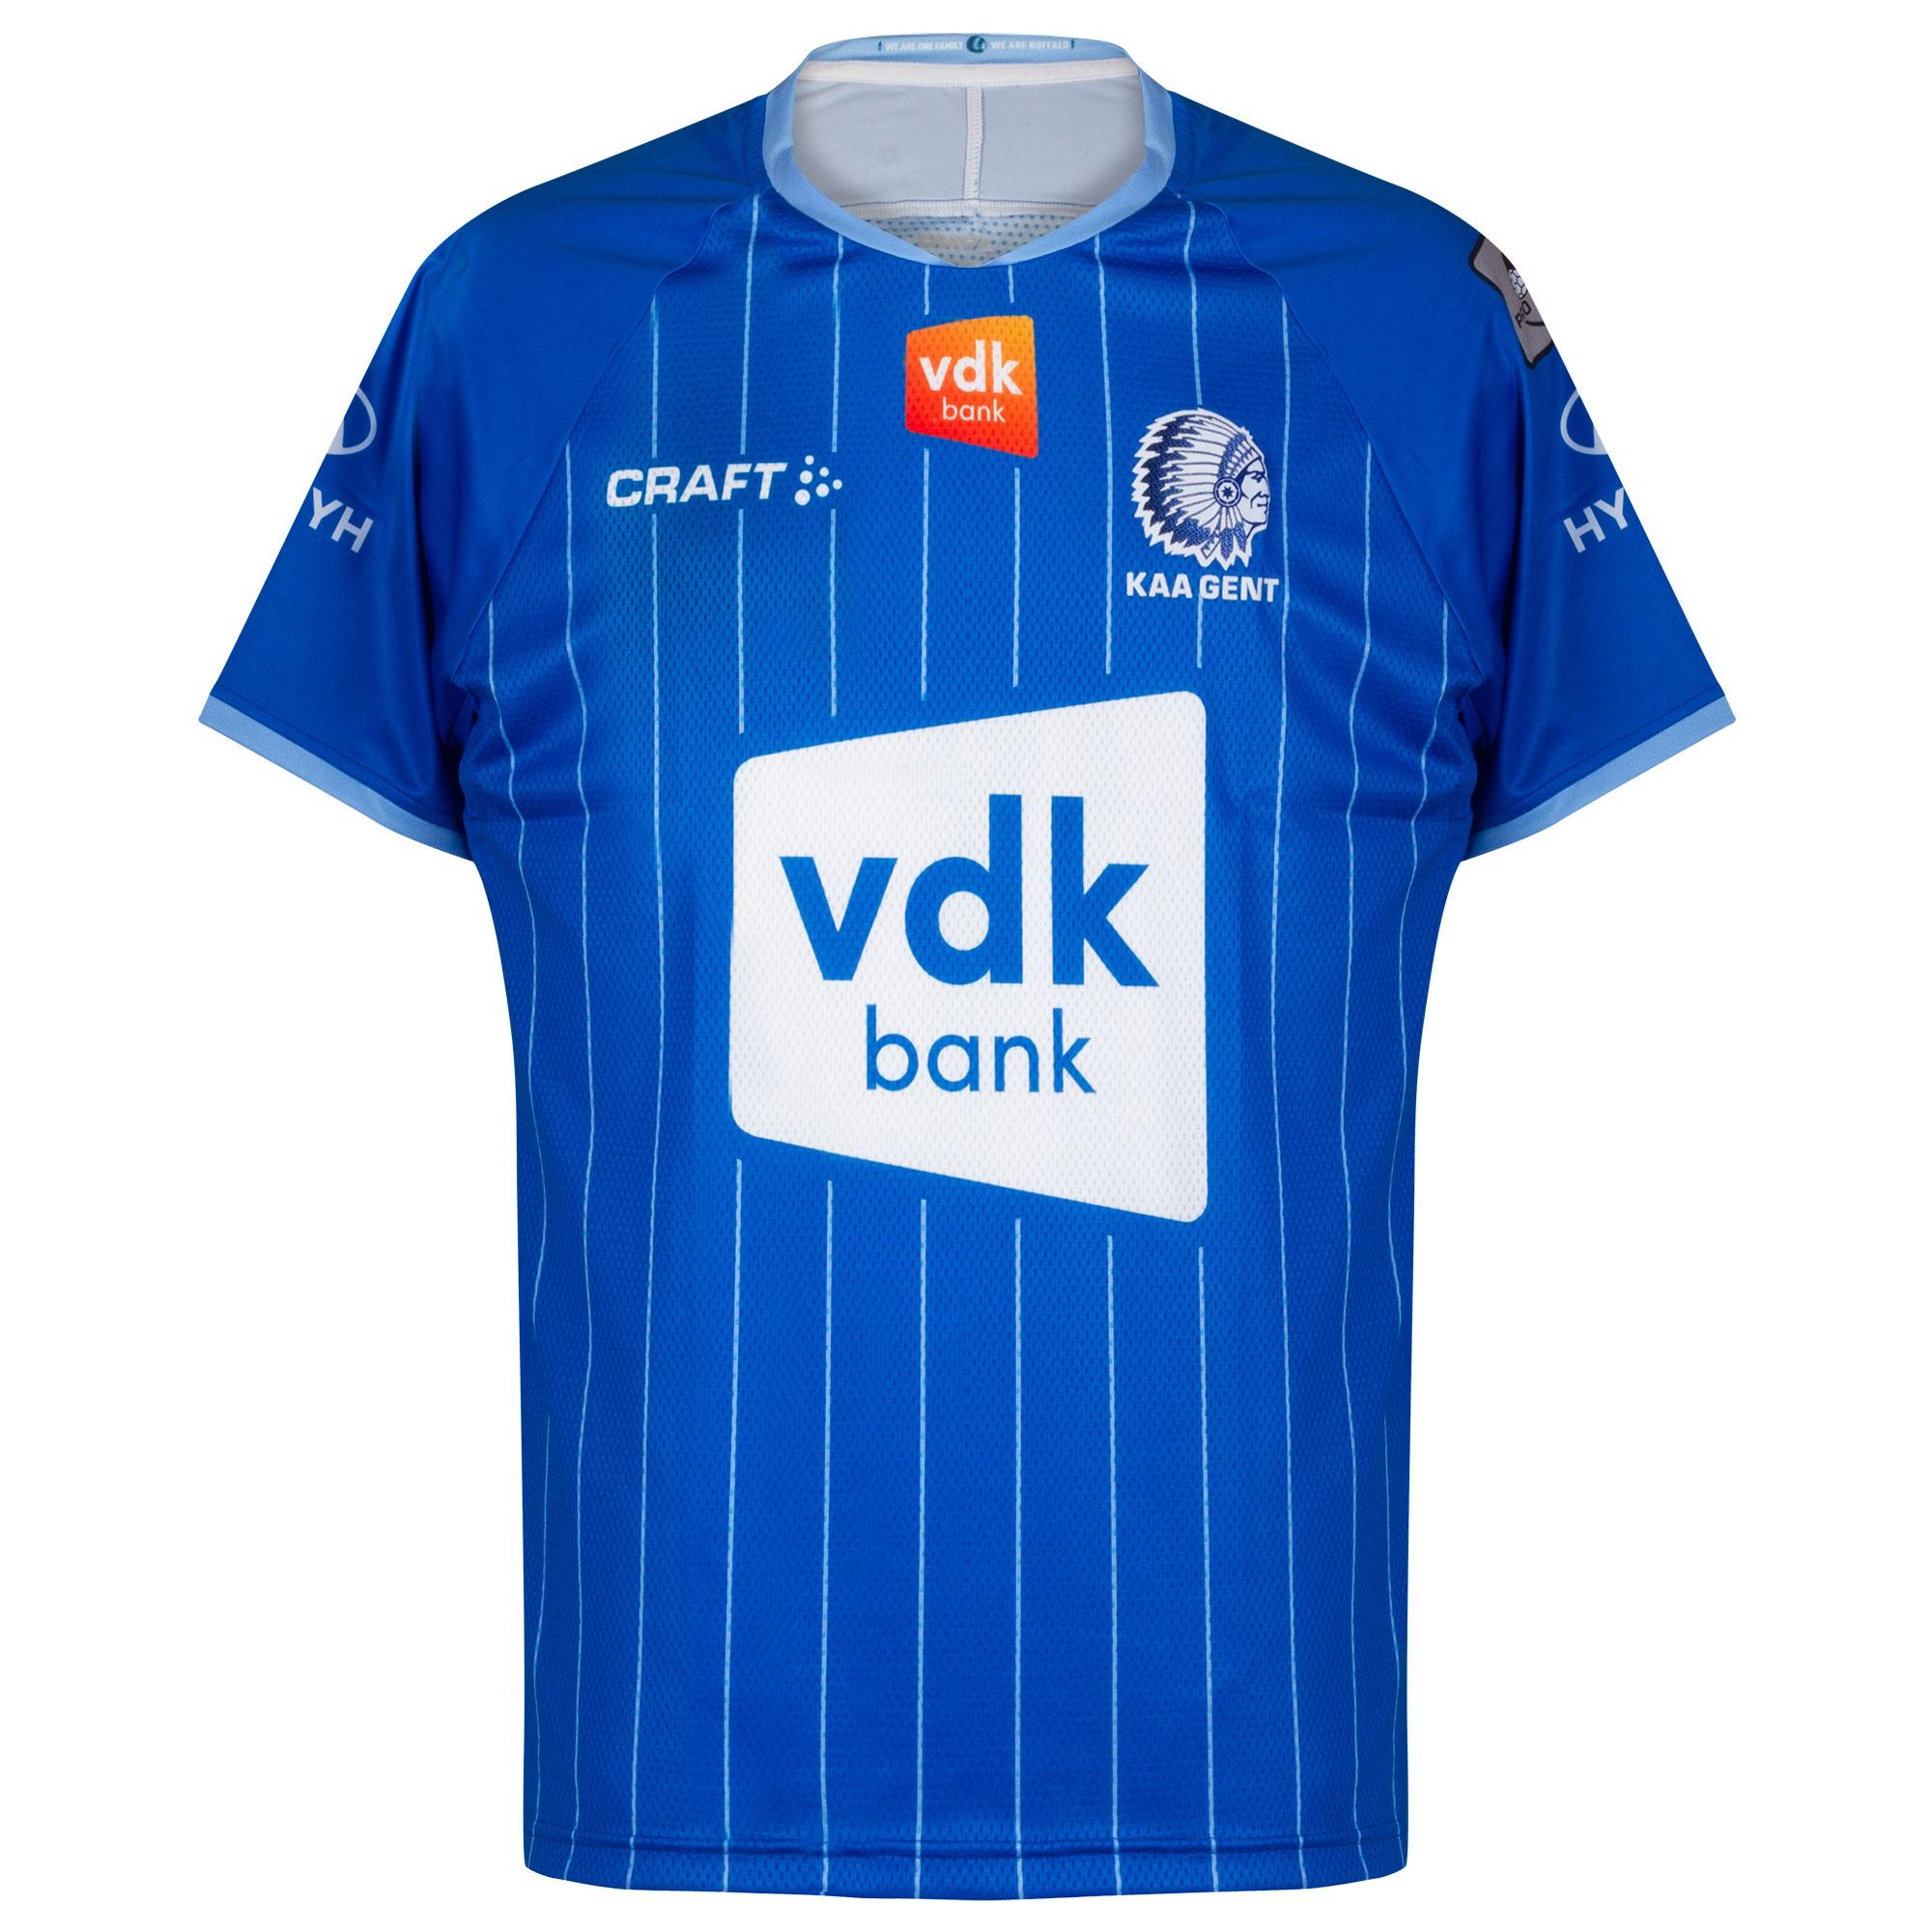 KAA Gent home shirt